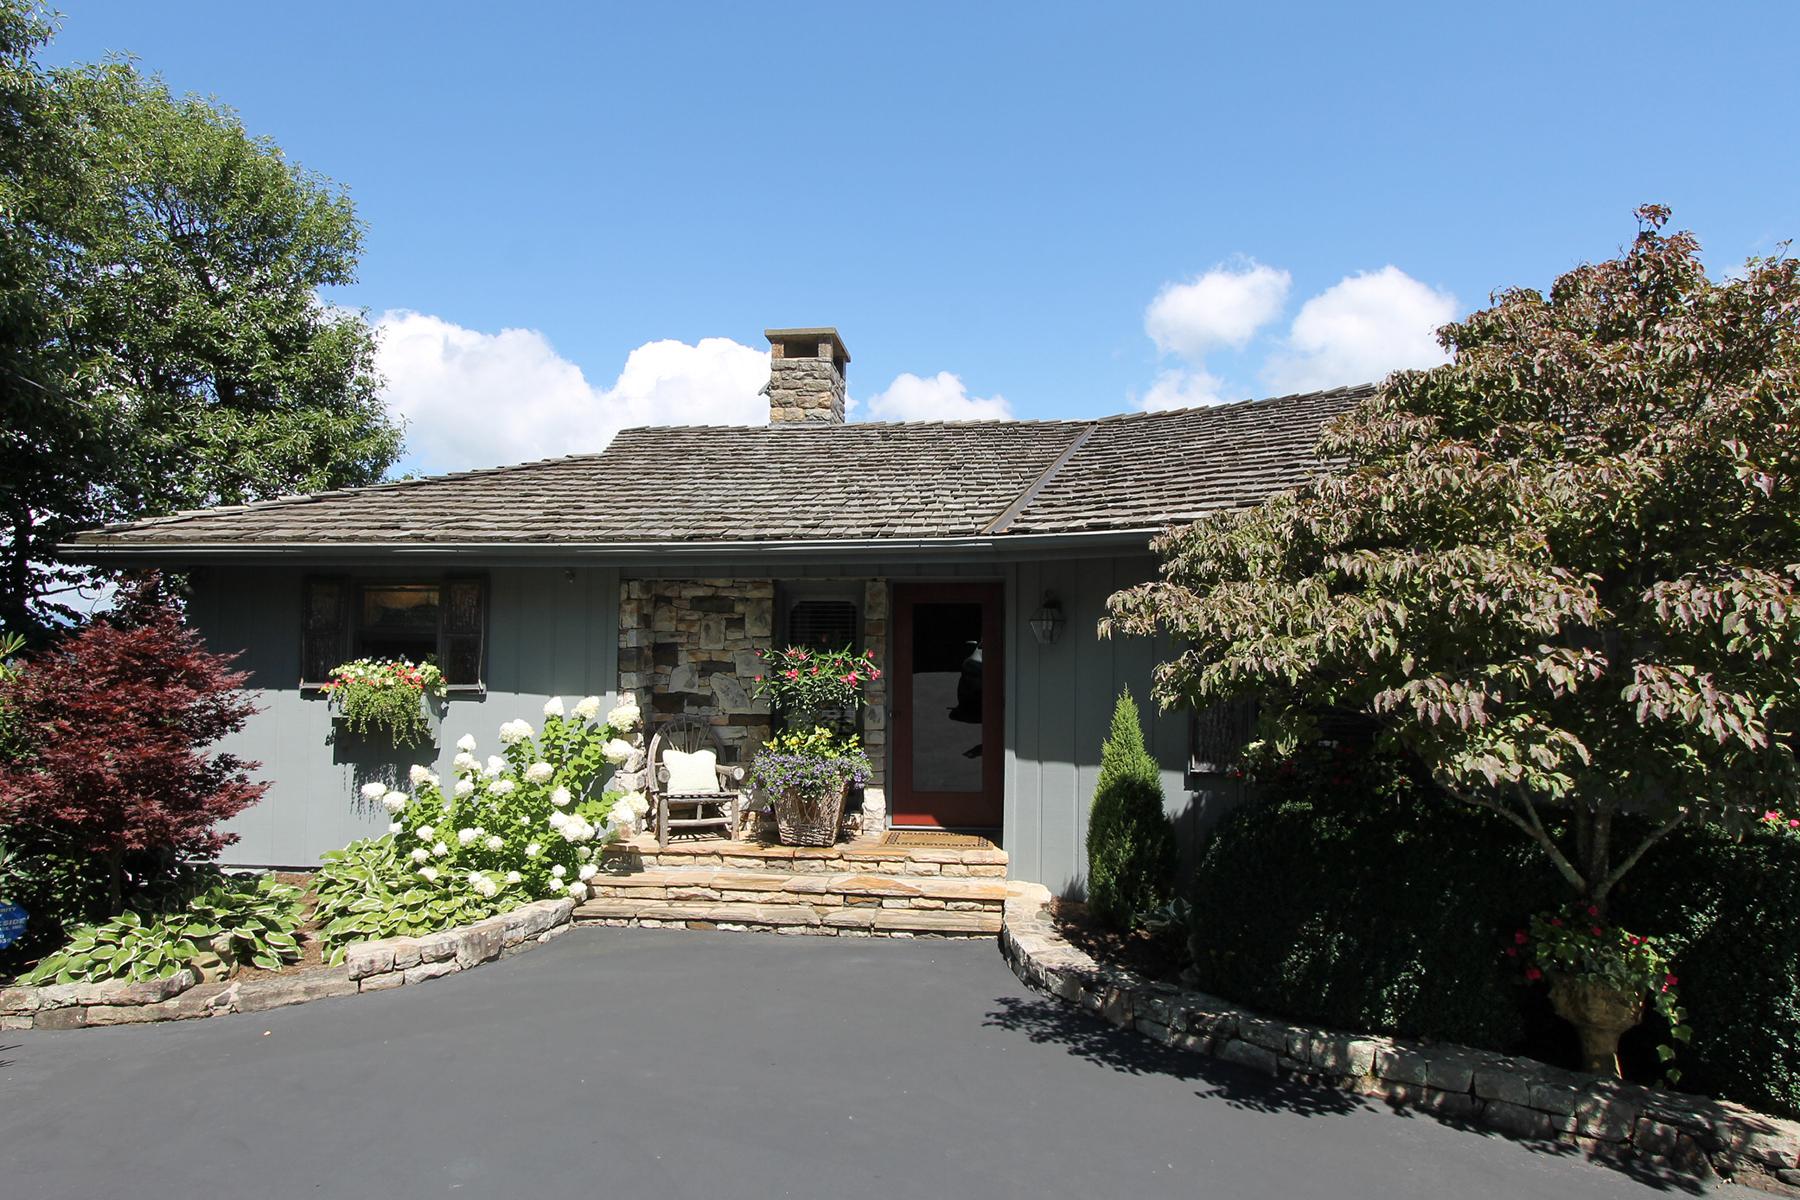 独户住宅 为 销售 在 BLOWING ROCK 867 Green Hill Rd, Blowing Rock, 北卡罗来纳州, 28605 美国